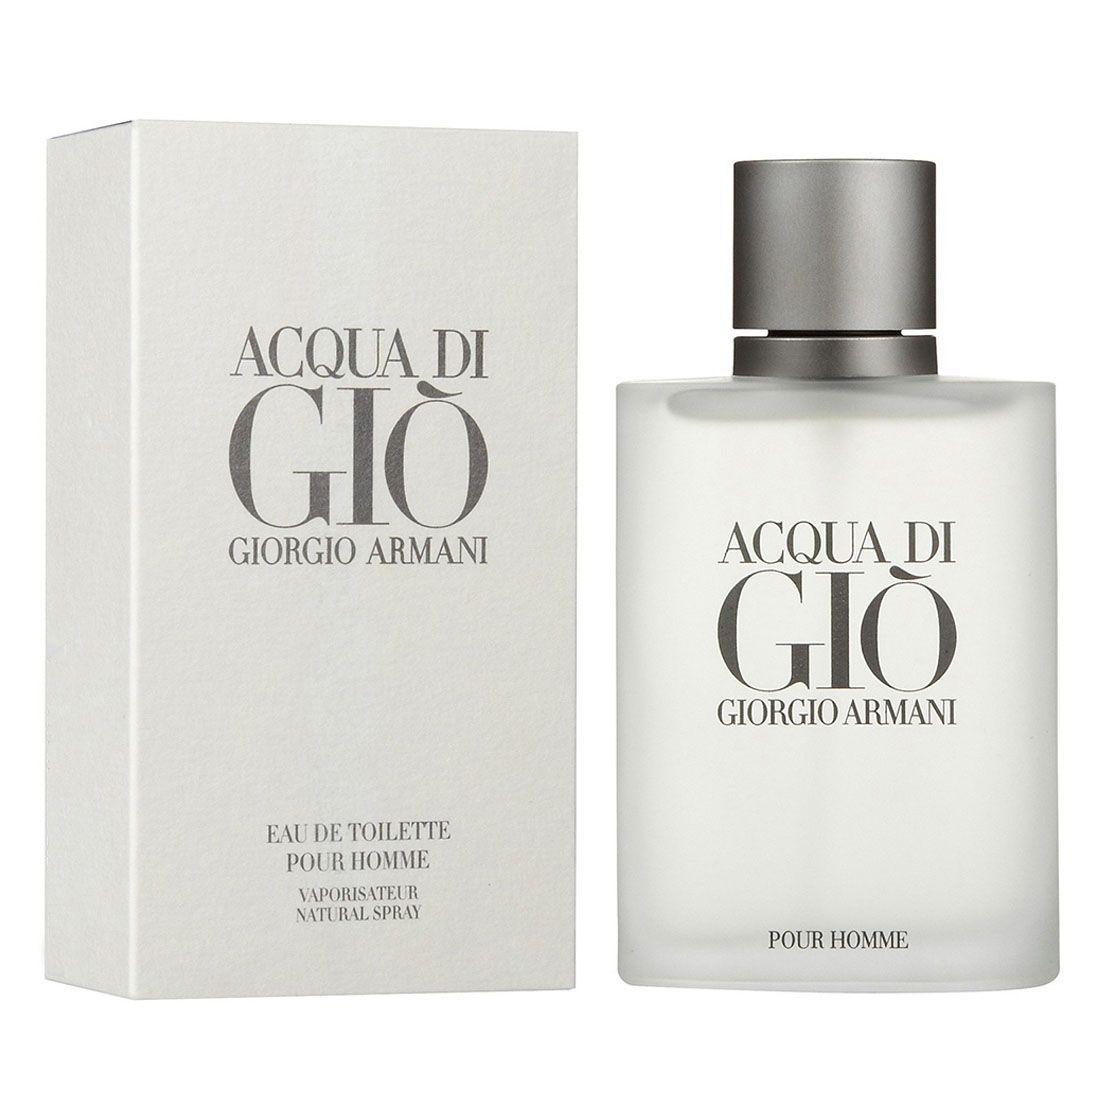 Perfume Acqua di Gio 100ml Giorgio Armani Eau de Toilette